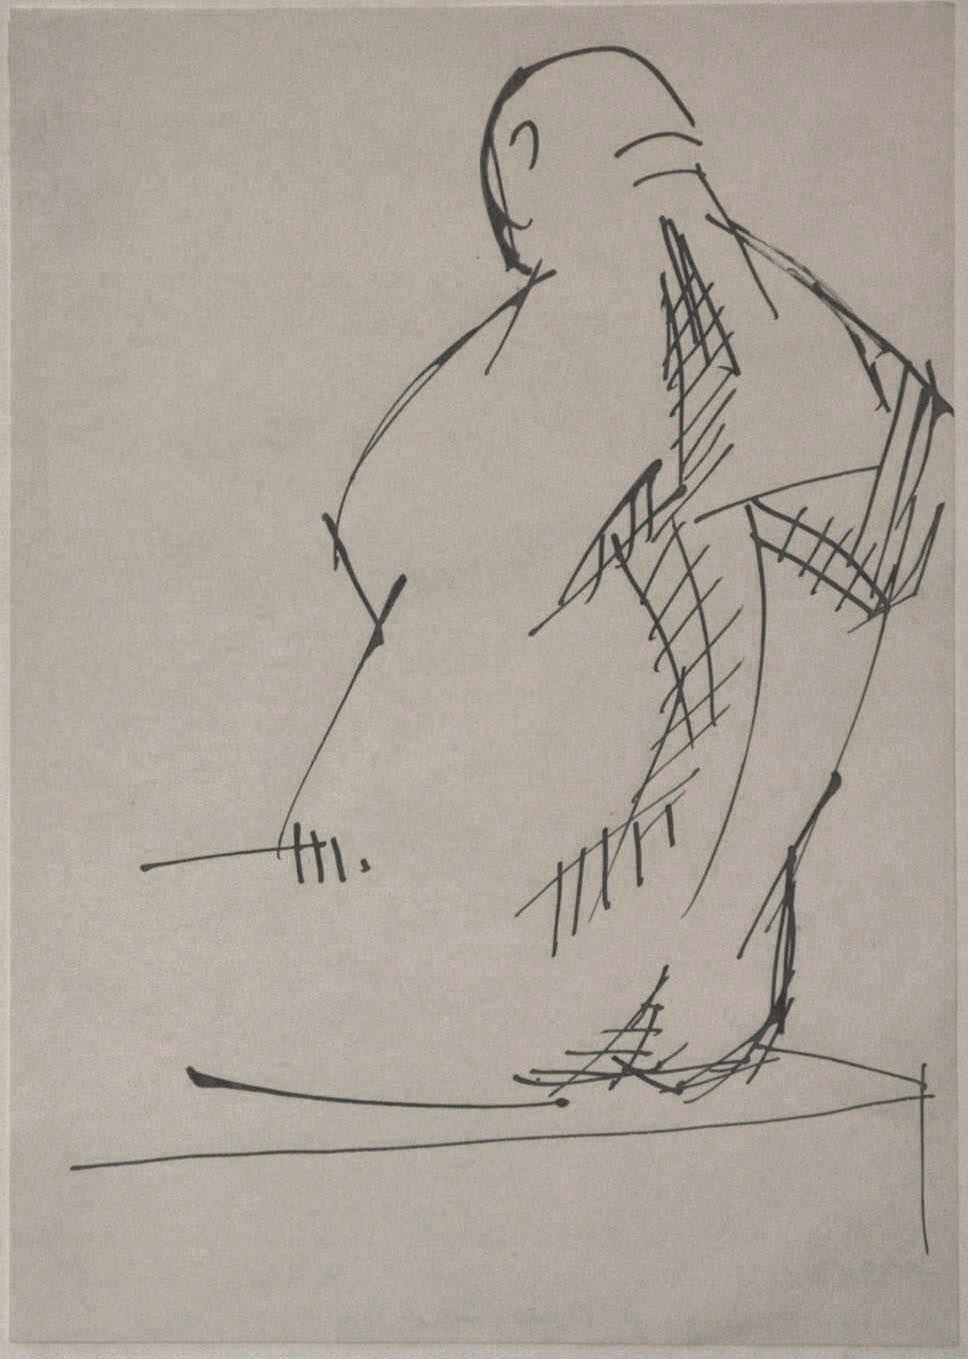 Studie zum Catcher, Rückenansicht, 1963/66, Feder in Schwarz; © Gustav Seitz Stiftung, Hamburg